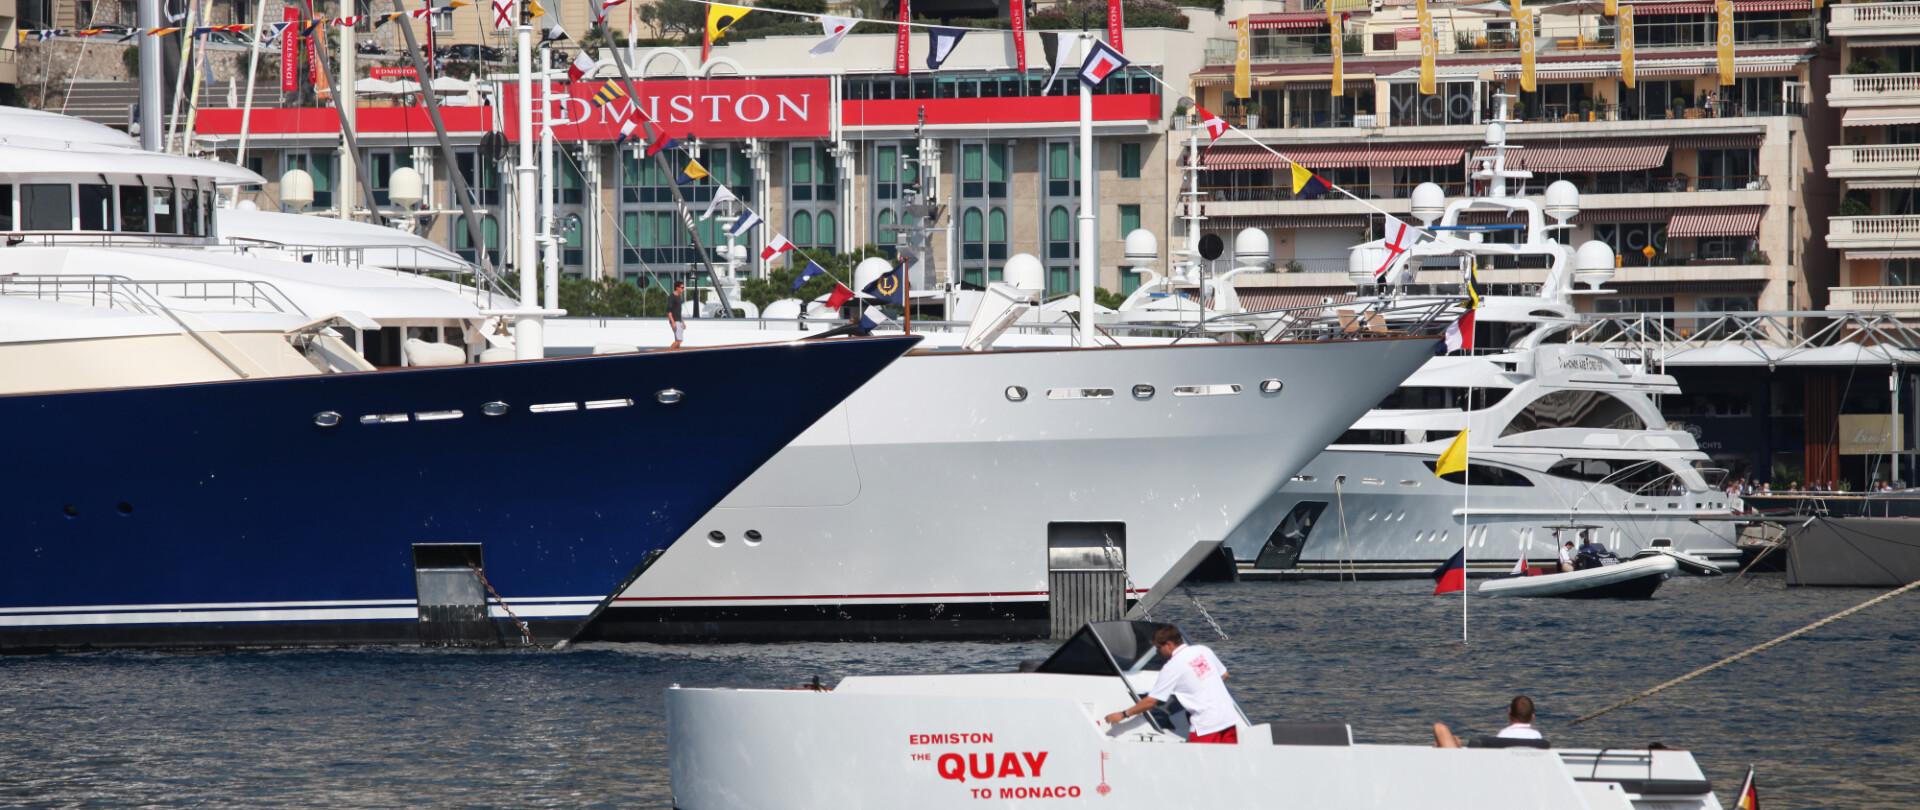 Edmiston Secures Strategic Partnerships for Monaco Yacht Show 2013 photo 1